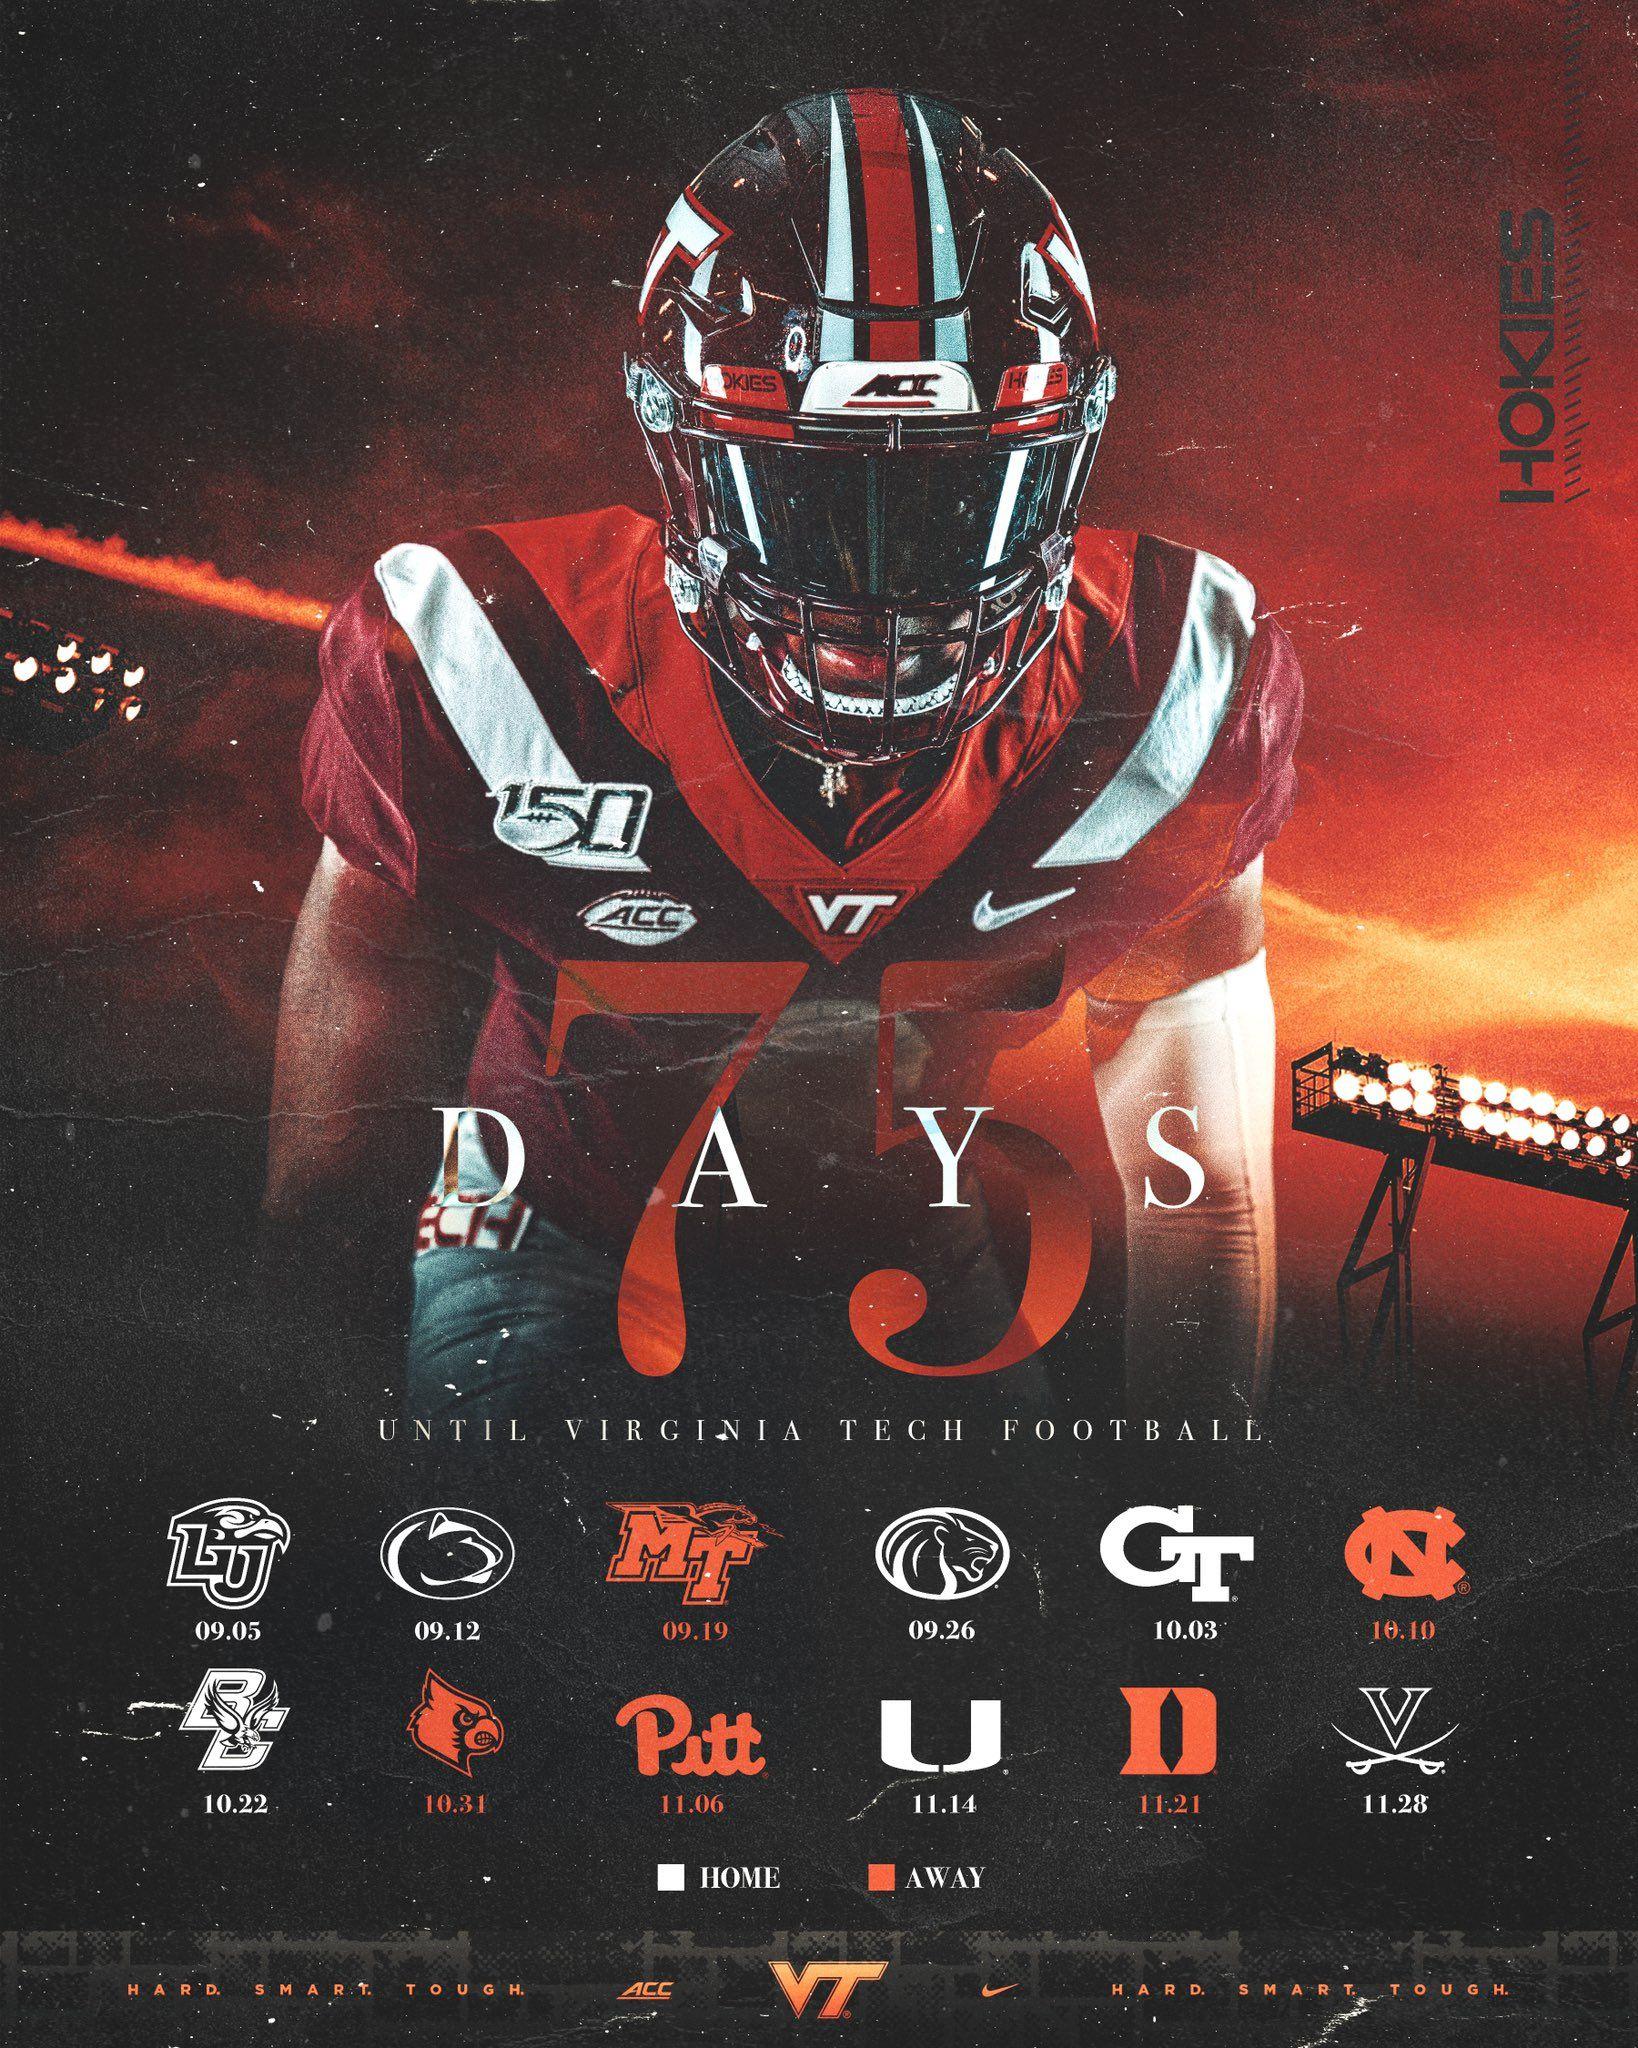 Virginia Tech Football Design Sports Design Virginia Tech Football